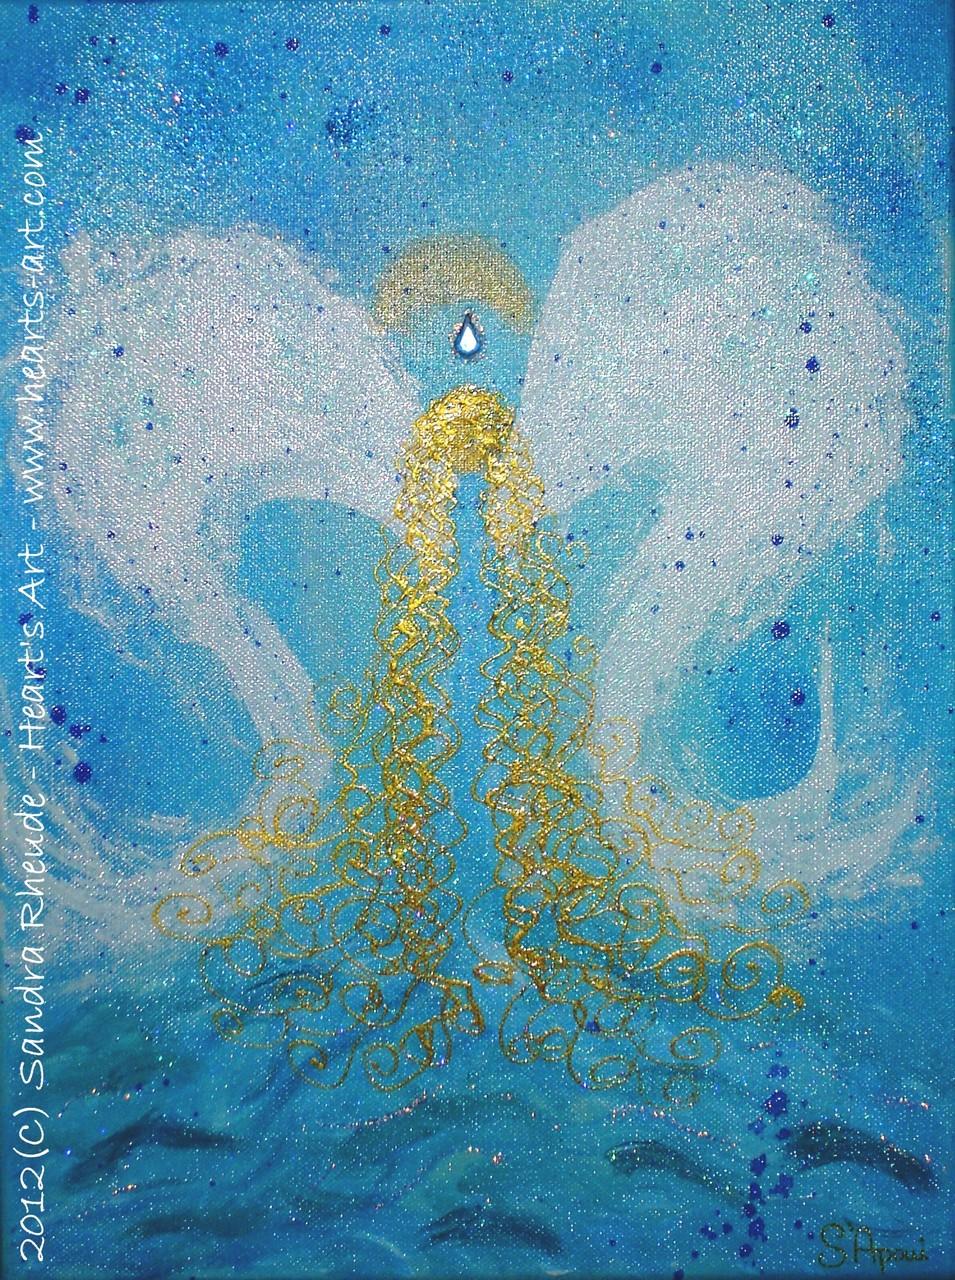 Kinder-Schutzengel 'Kleine Wasserratte' - 2012/20 - Acryl auf Leinwand - 30 x 40 cm - € 80